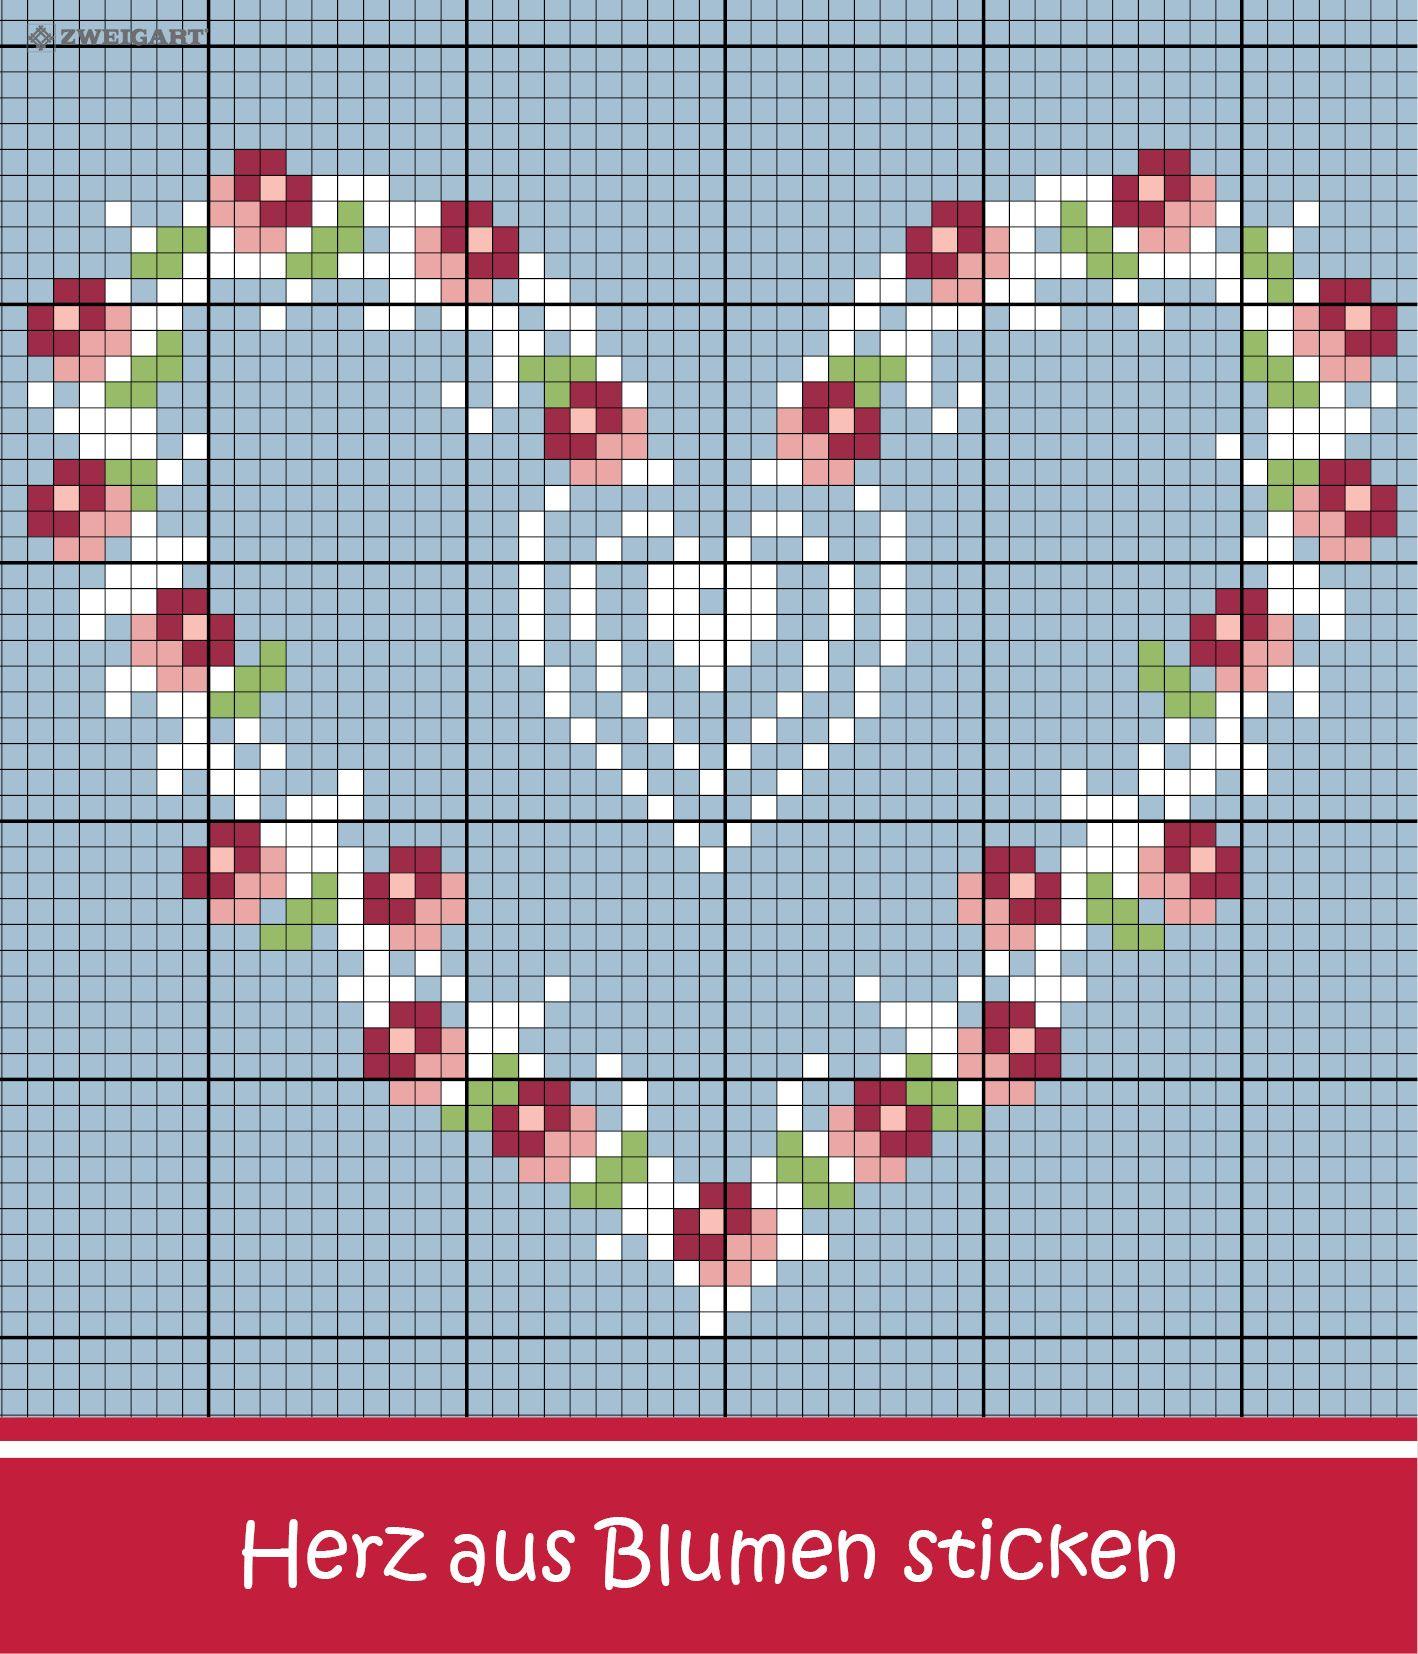 Bevorzugt Herz aus Rosen sticken - Entdecke zahlreiche kostenlose Charts zum QK33